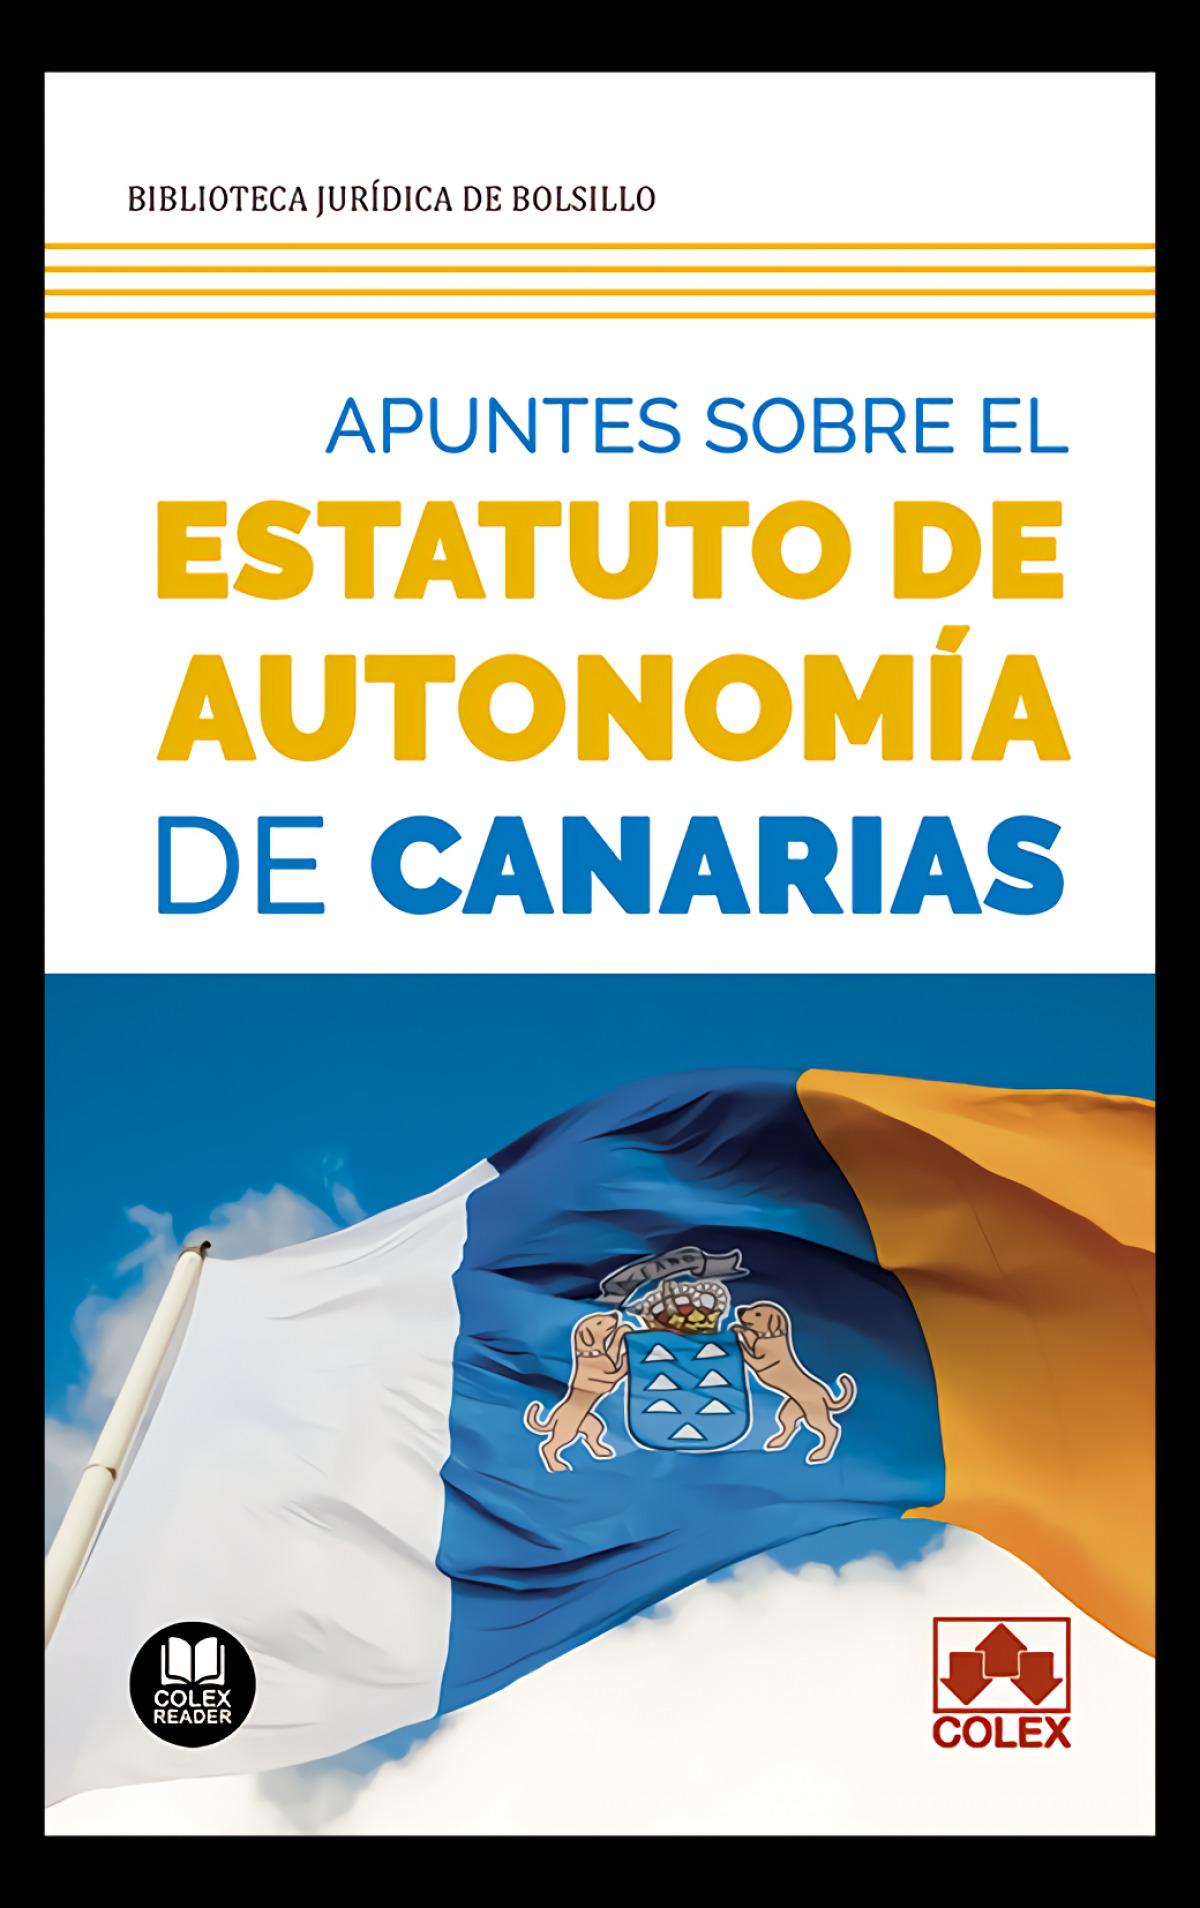 Apuntes sobre el Estatuto de autonom¡a de Canarias